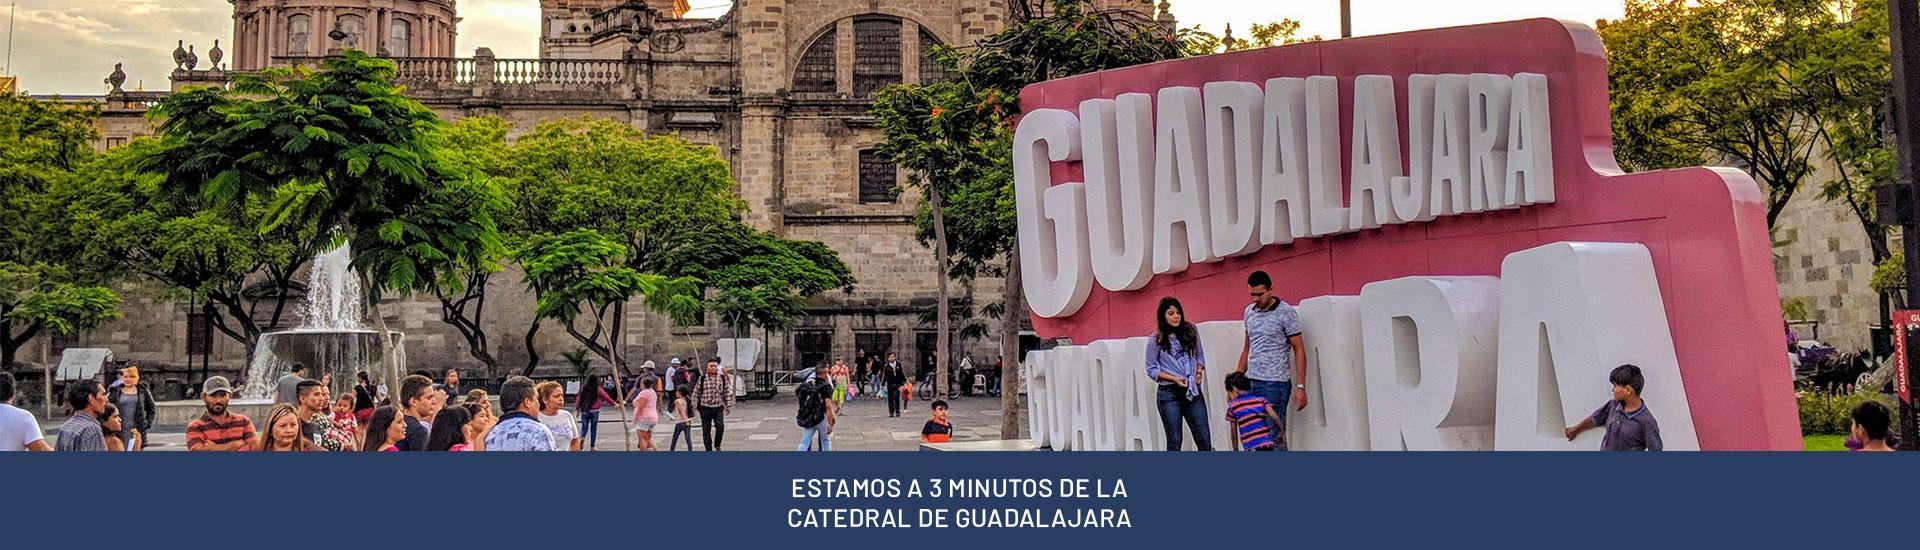 ESTAMOS A 3 MINUTOS DE LA CATEDRAL DE GUADALAJARA